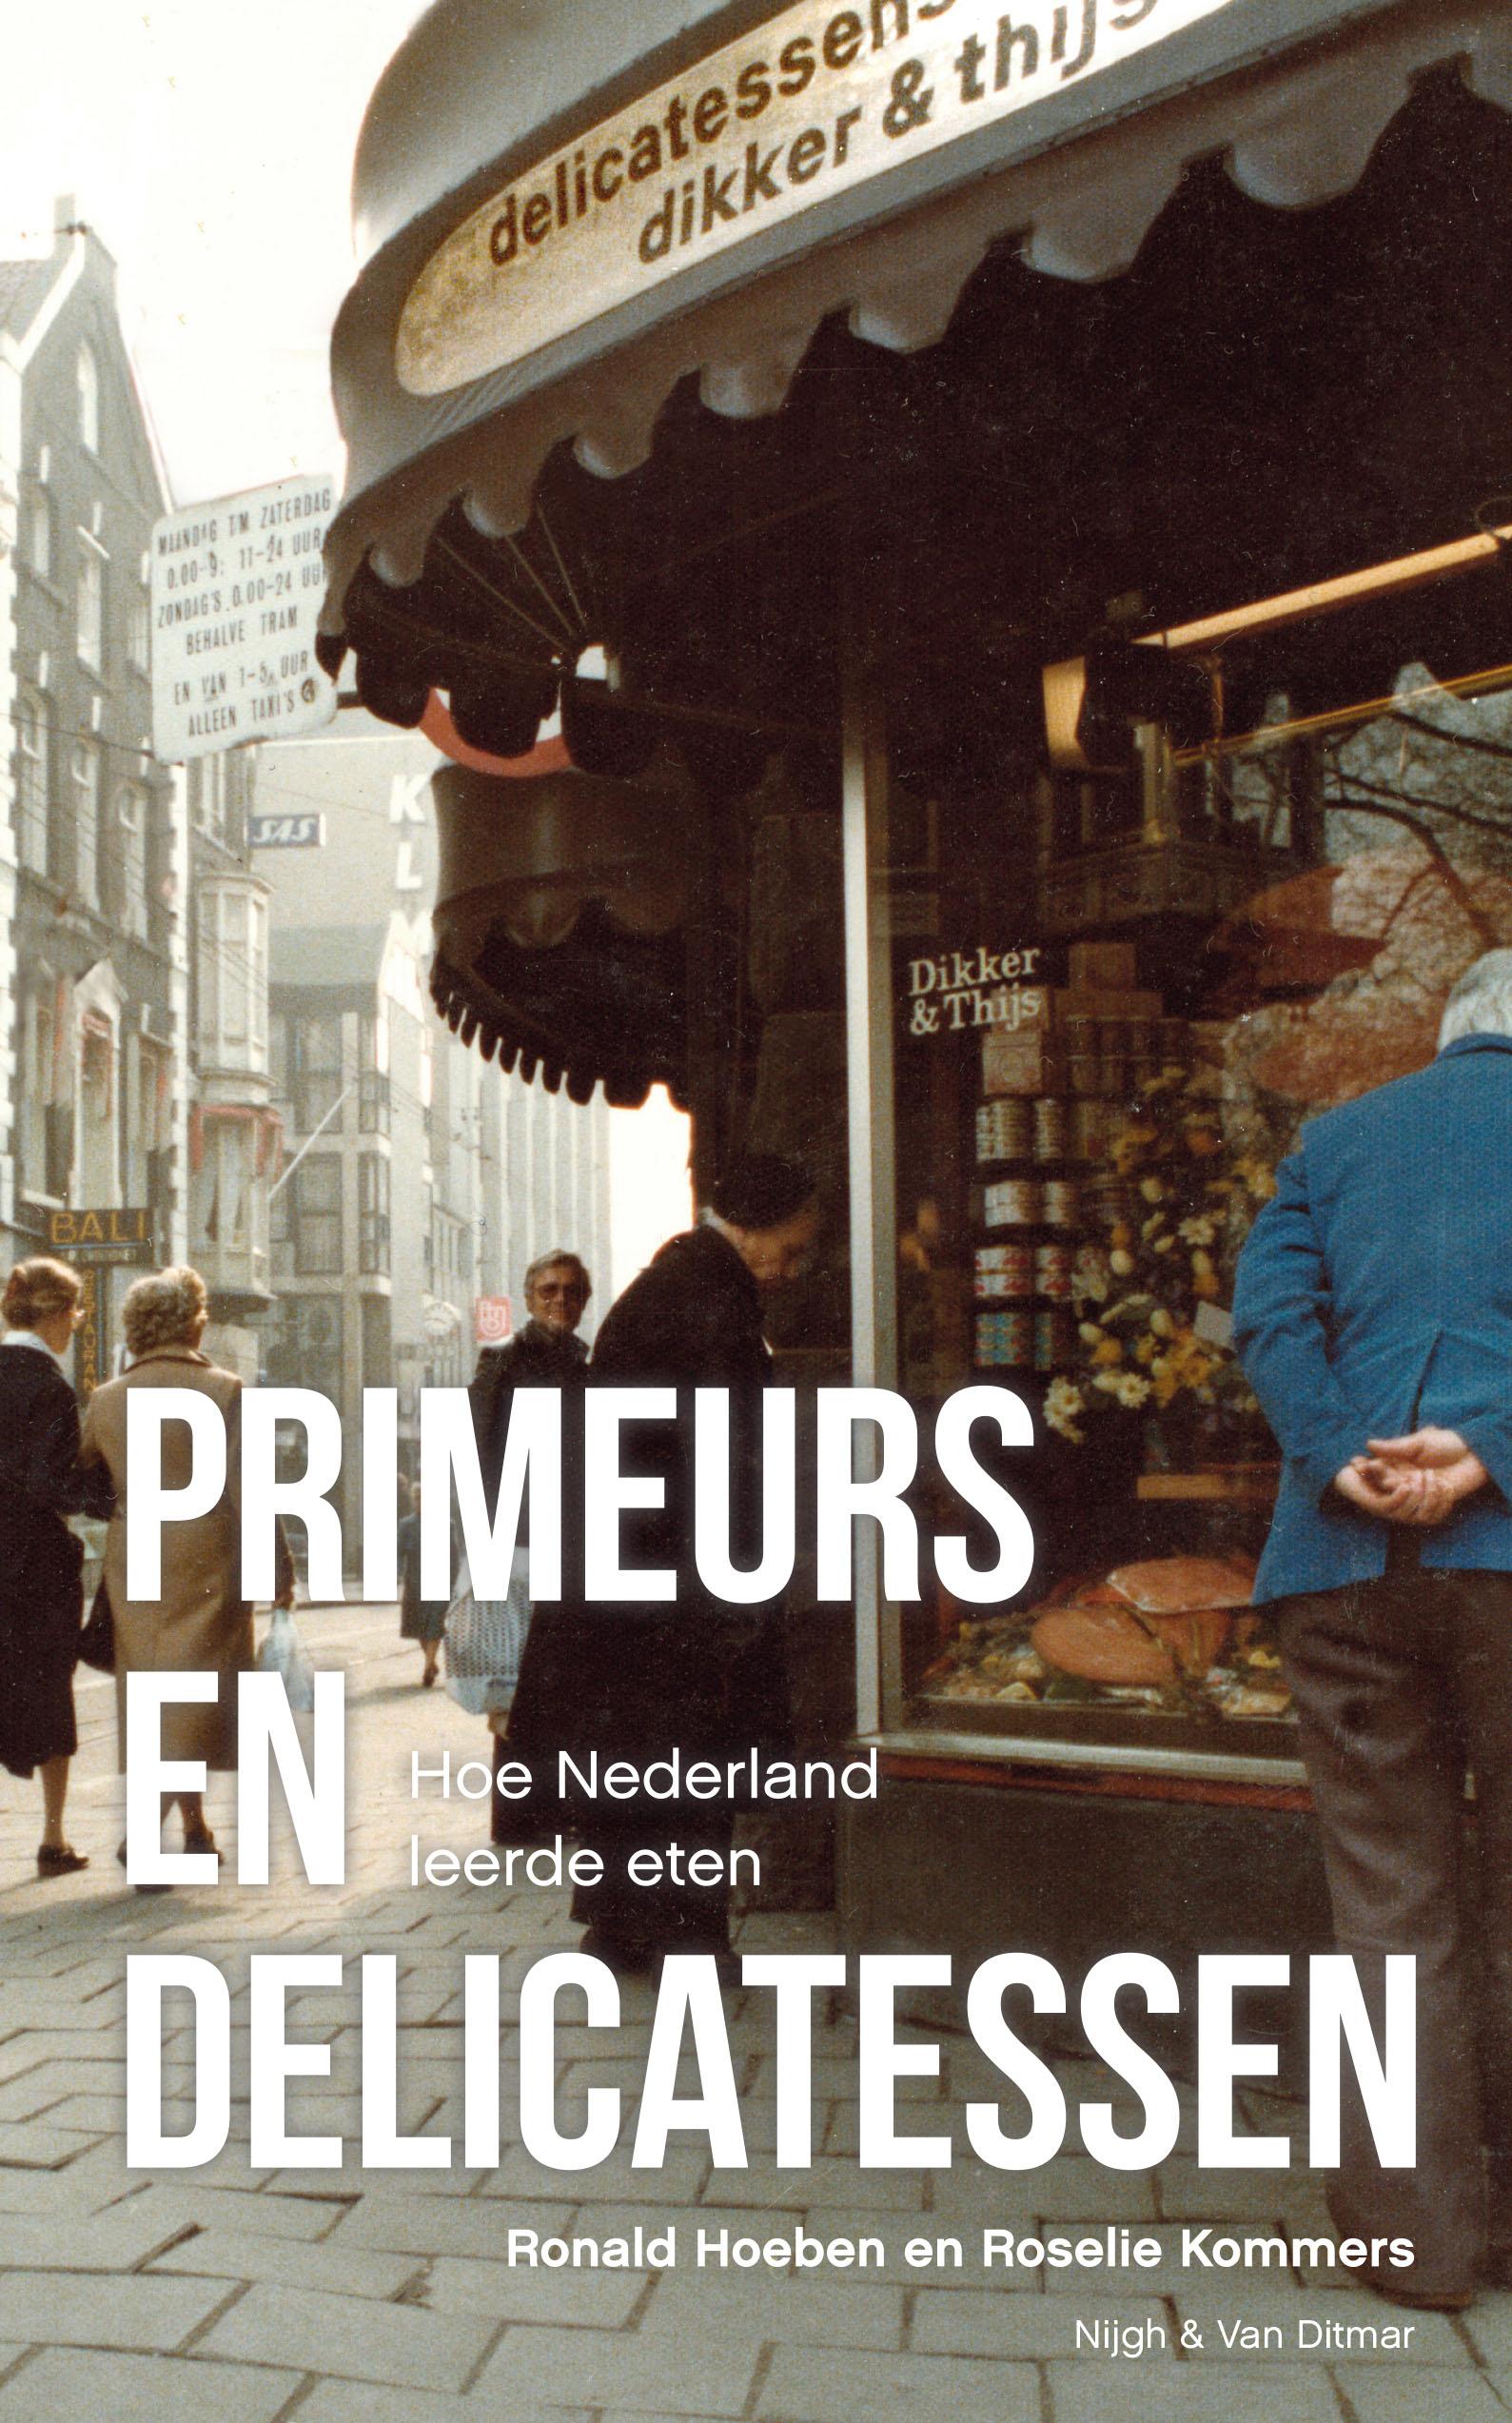 Primeurs en delicatessen – Ronald Hoeben & Roselie Kommers